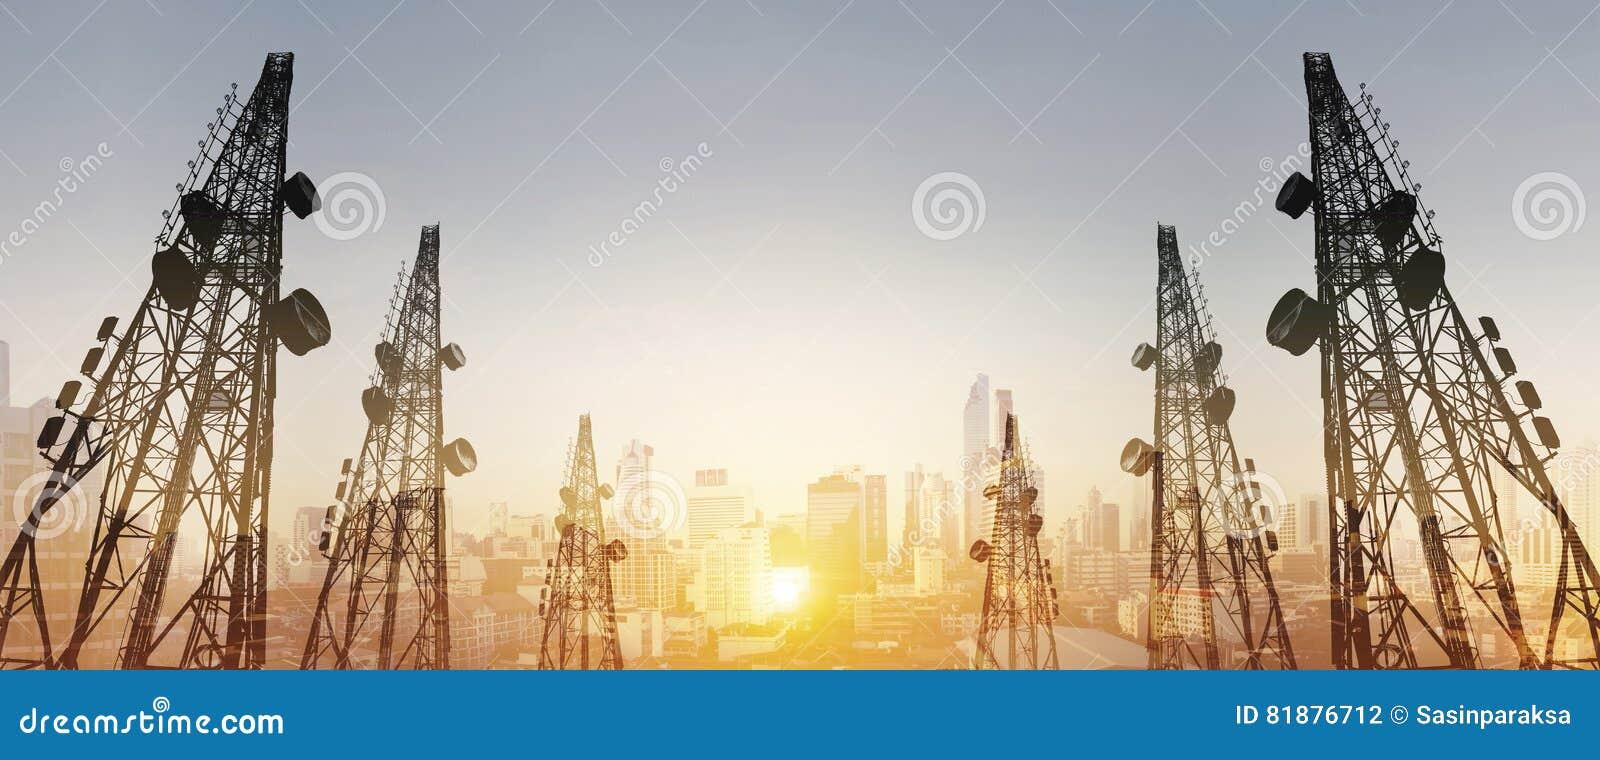 剪影,电信耸立与电视天线和卫星盘在日落,与两次曝光城市日出backgroun的